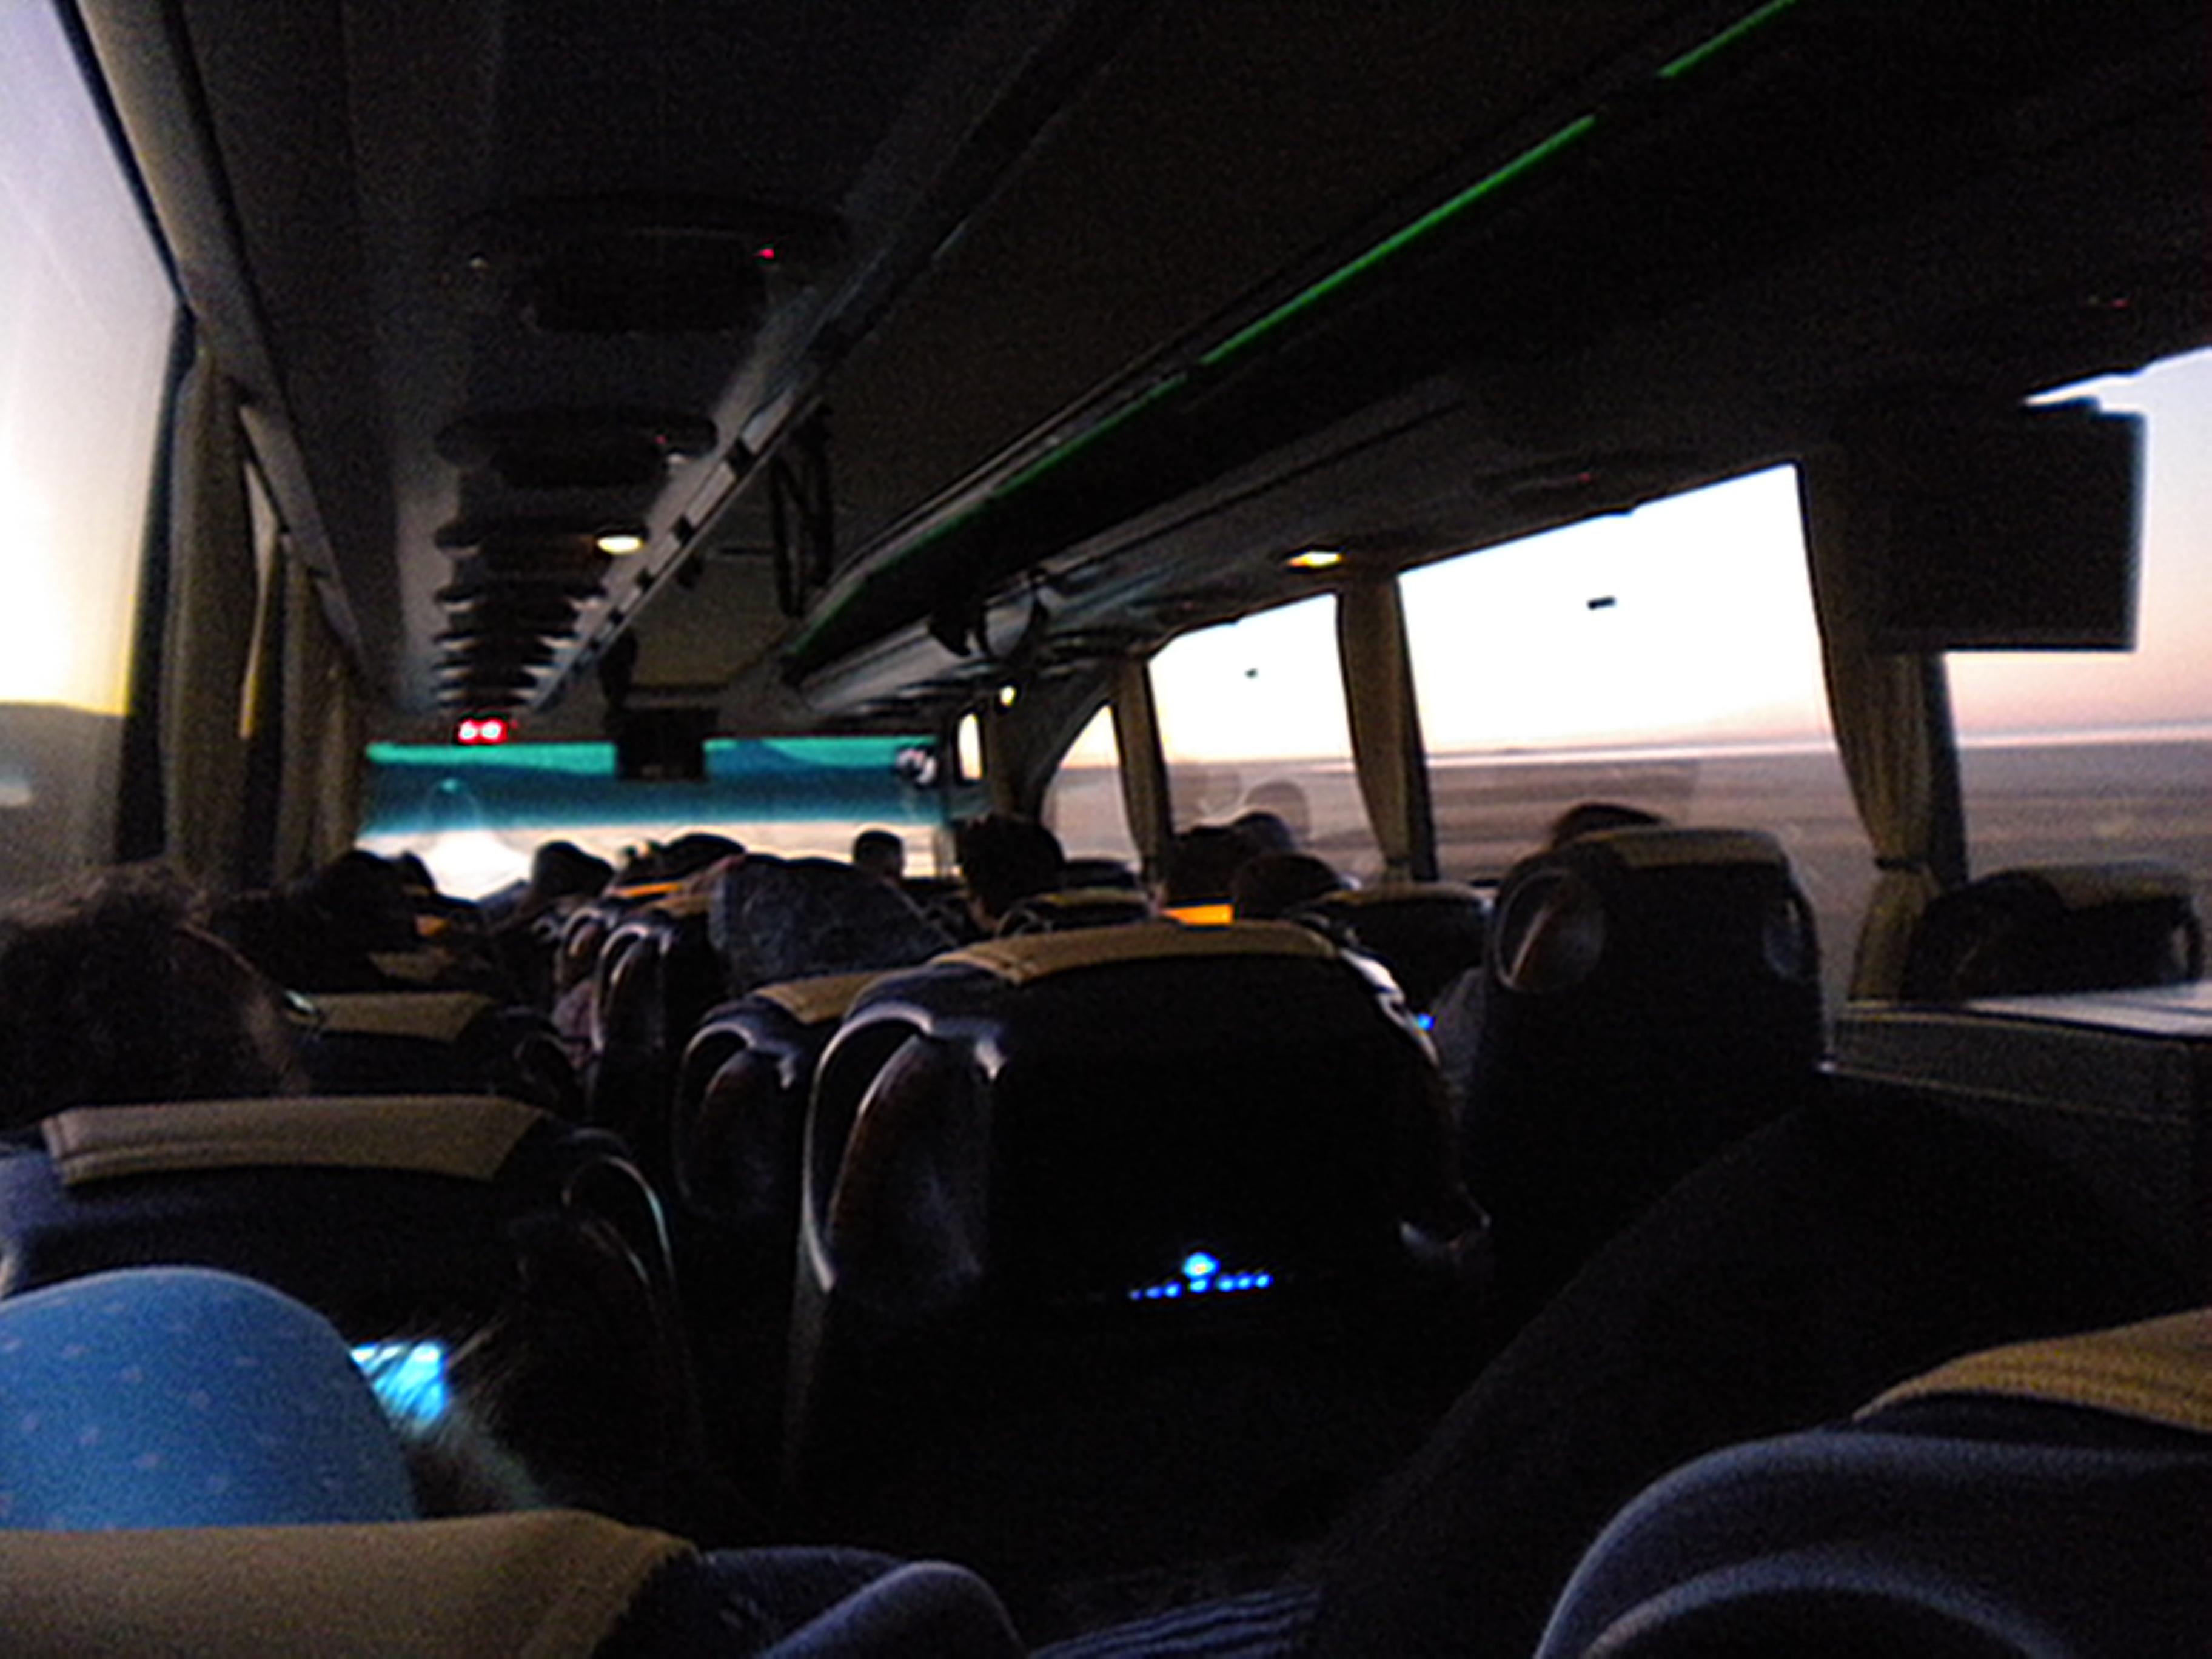 Как легко пережить ночной переезд в автобусе и сэкономить на Интернете в Европе?